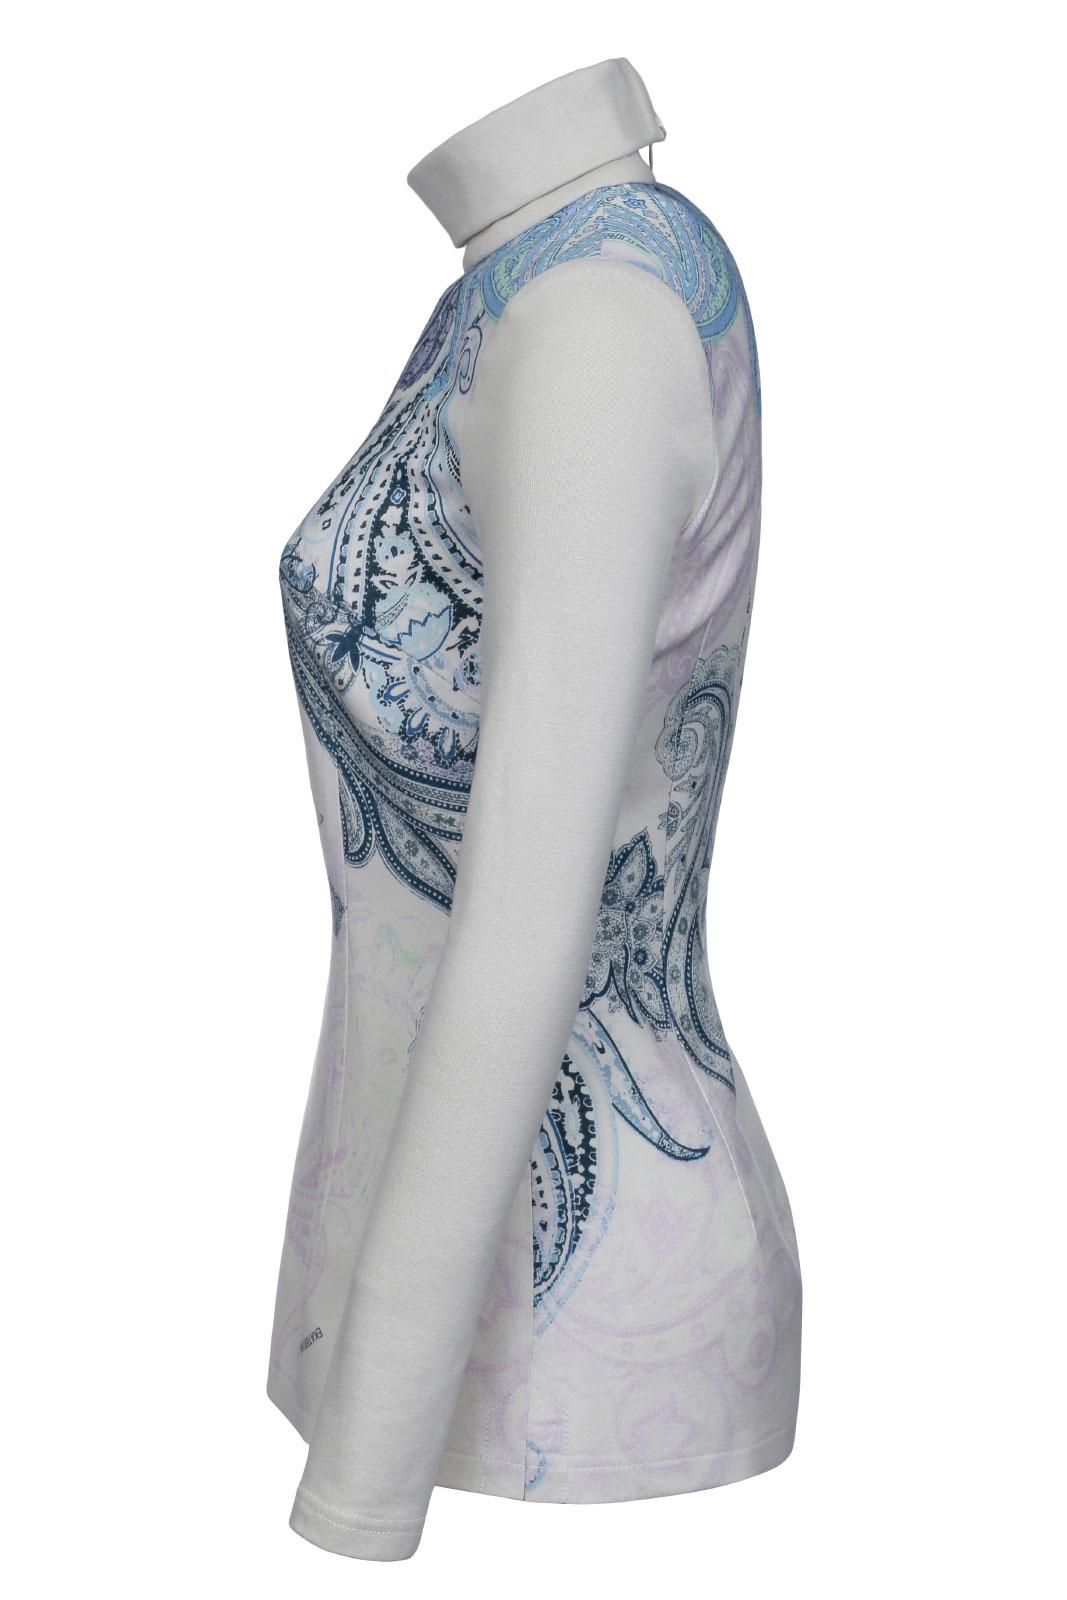 Блузки Из Комбинированных Тканей В Самаре